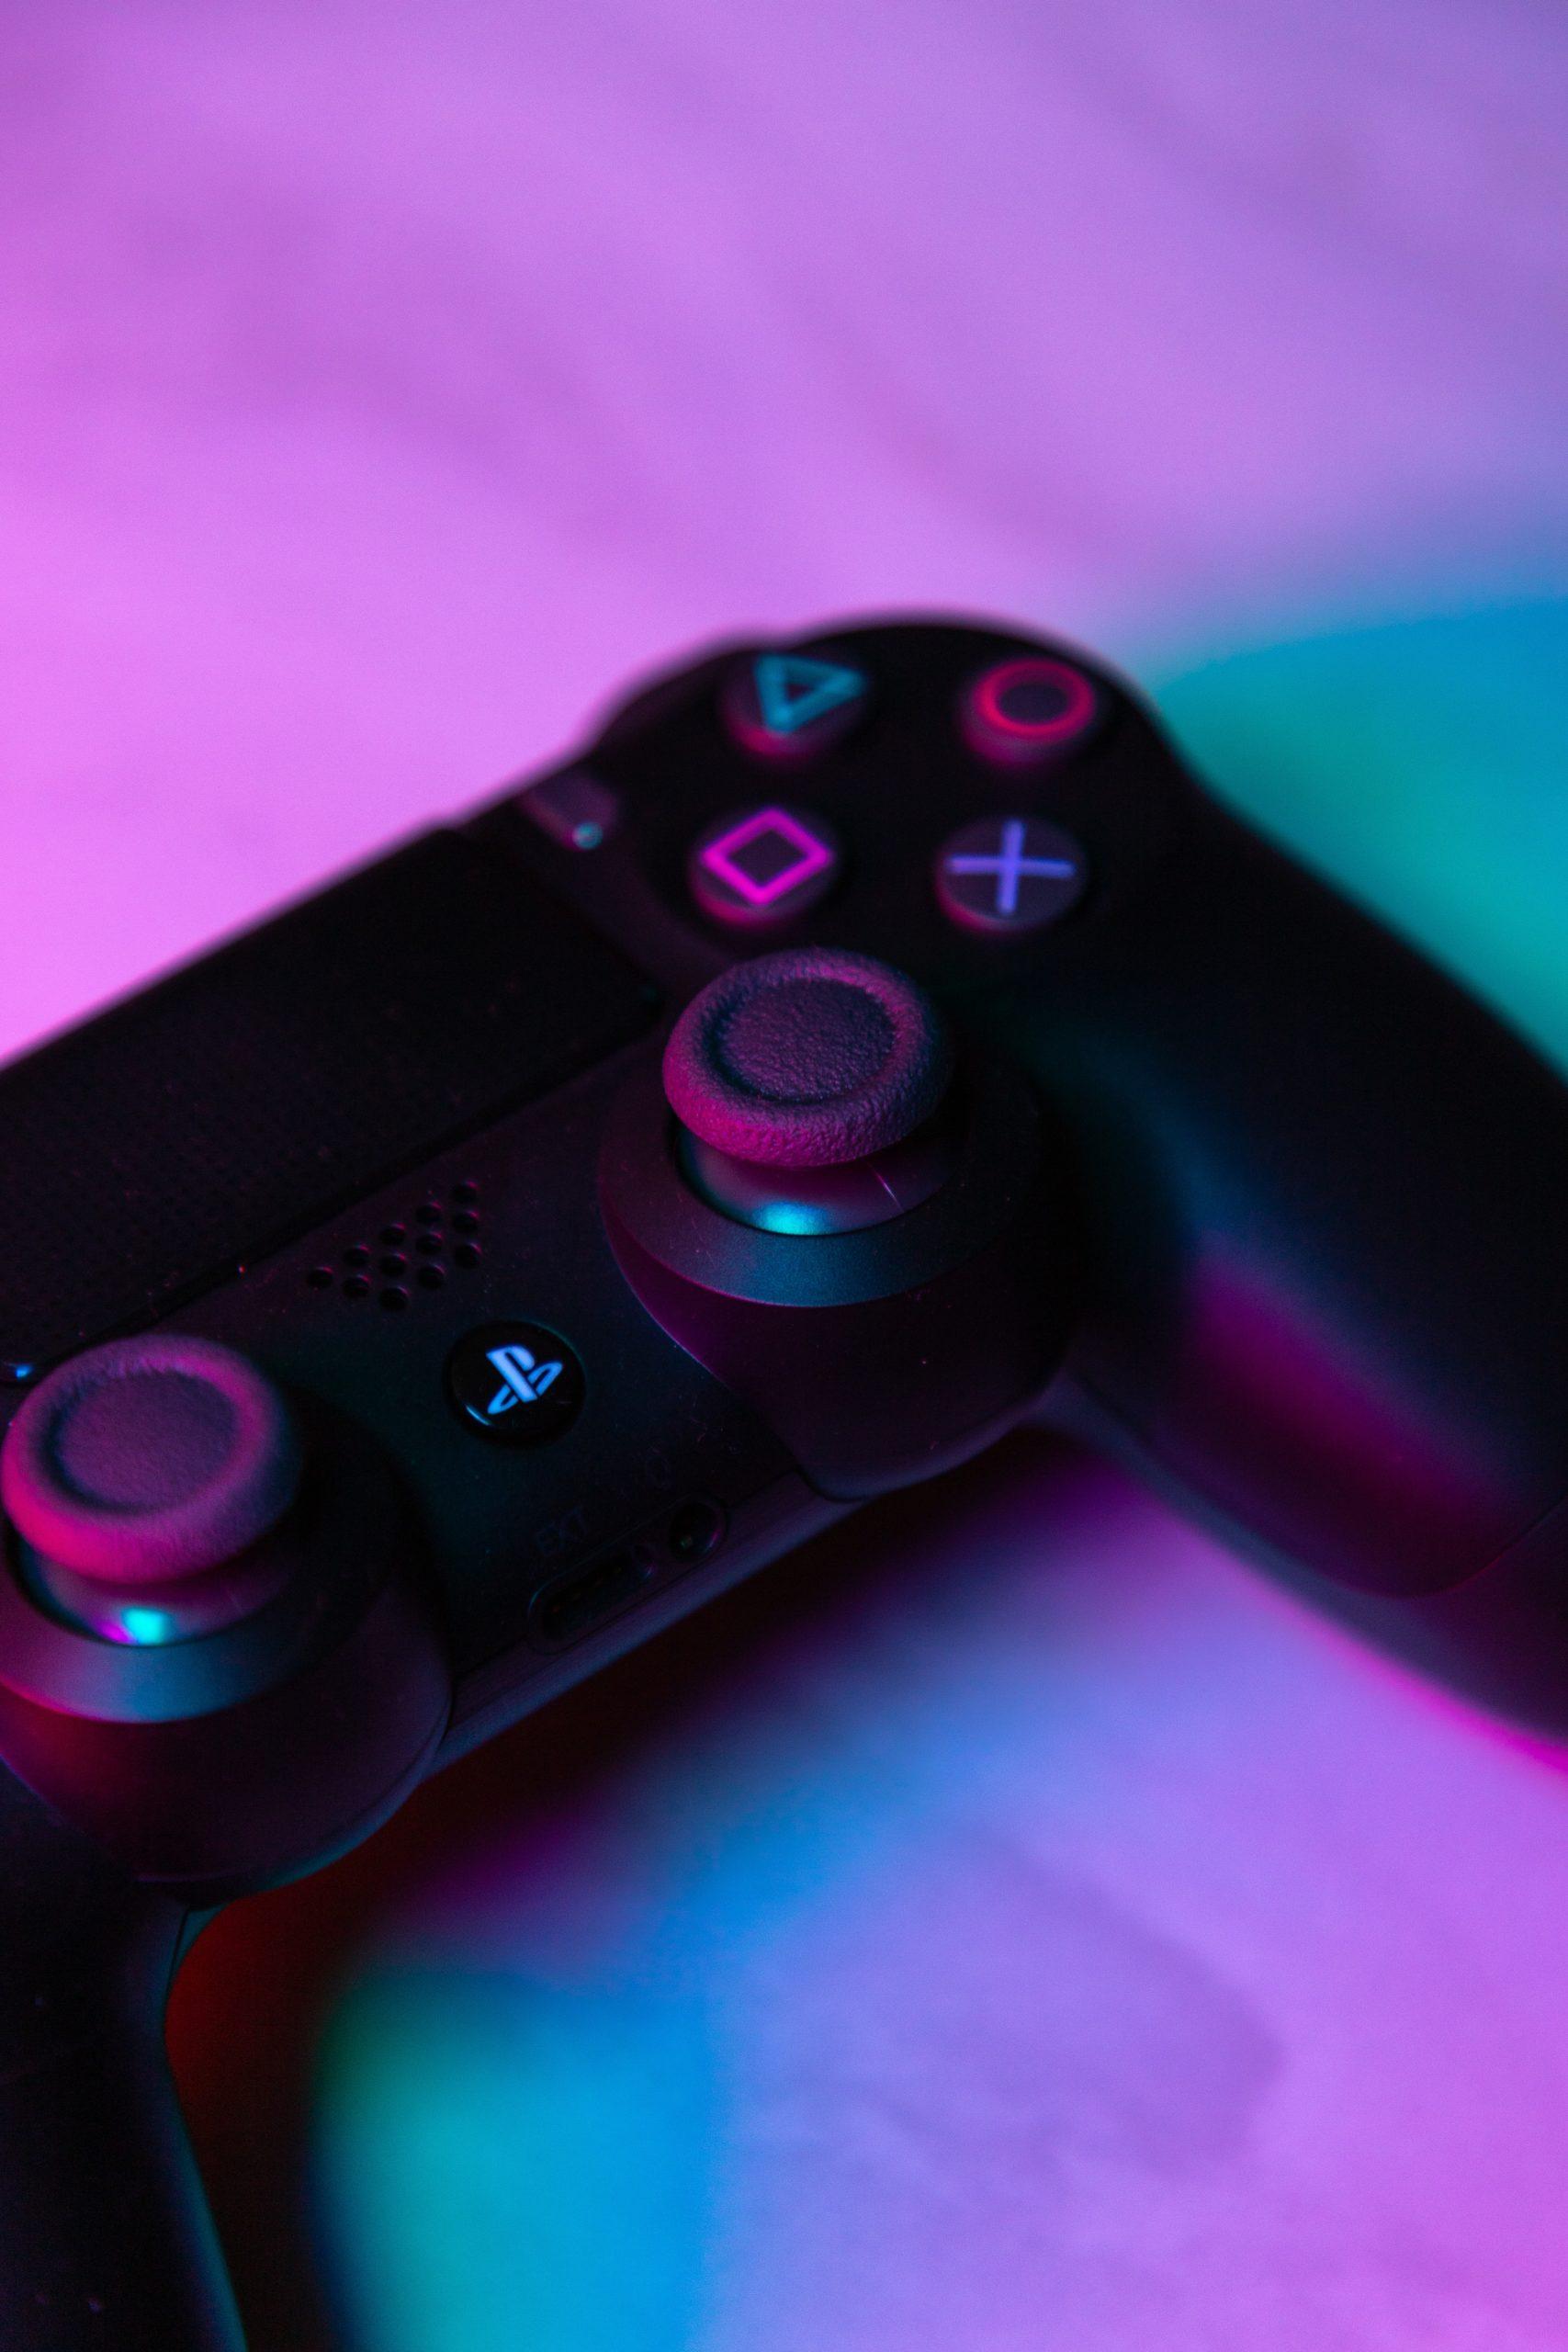 manette de jeu vidéo PS4